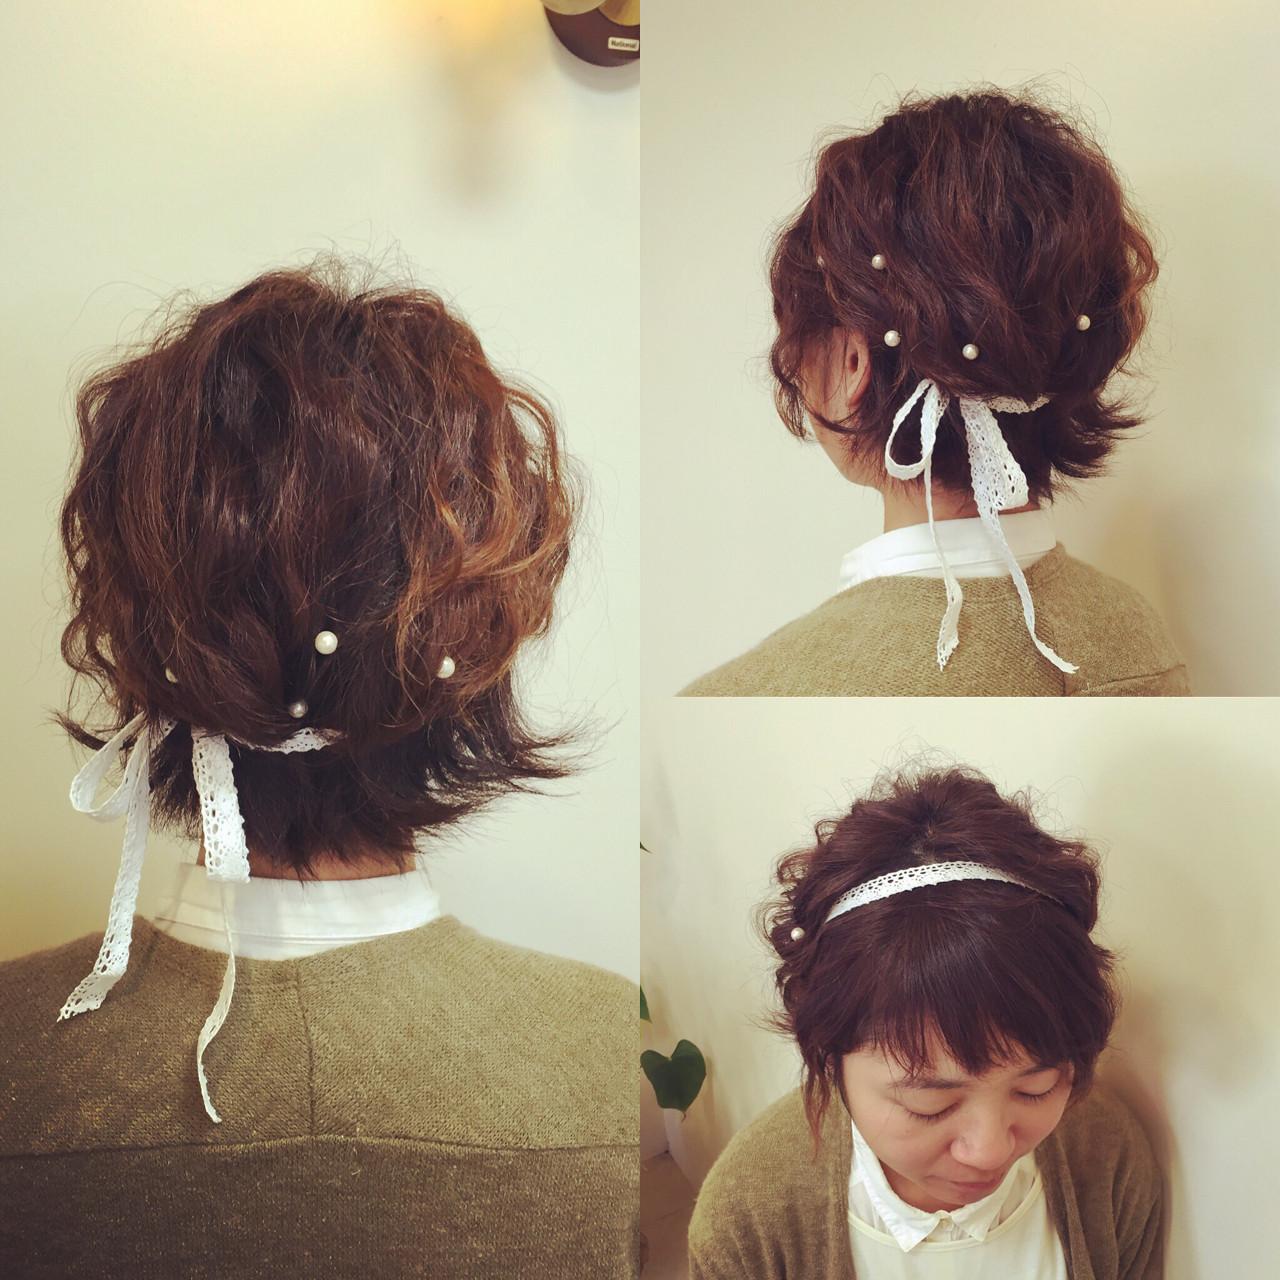 【結婚式髪型】ボブでもできる華やかアレンジ♪自分でもできるヘアセット いまむ